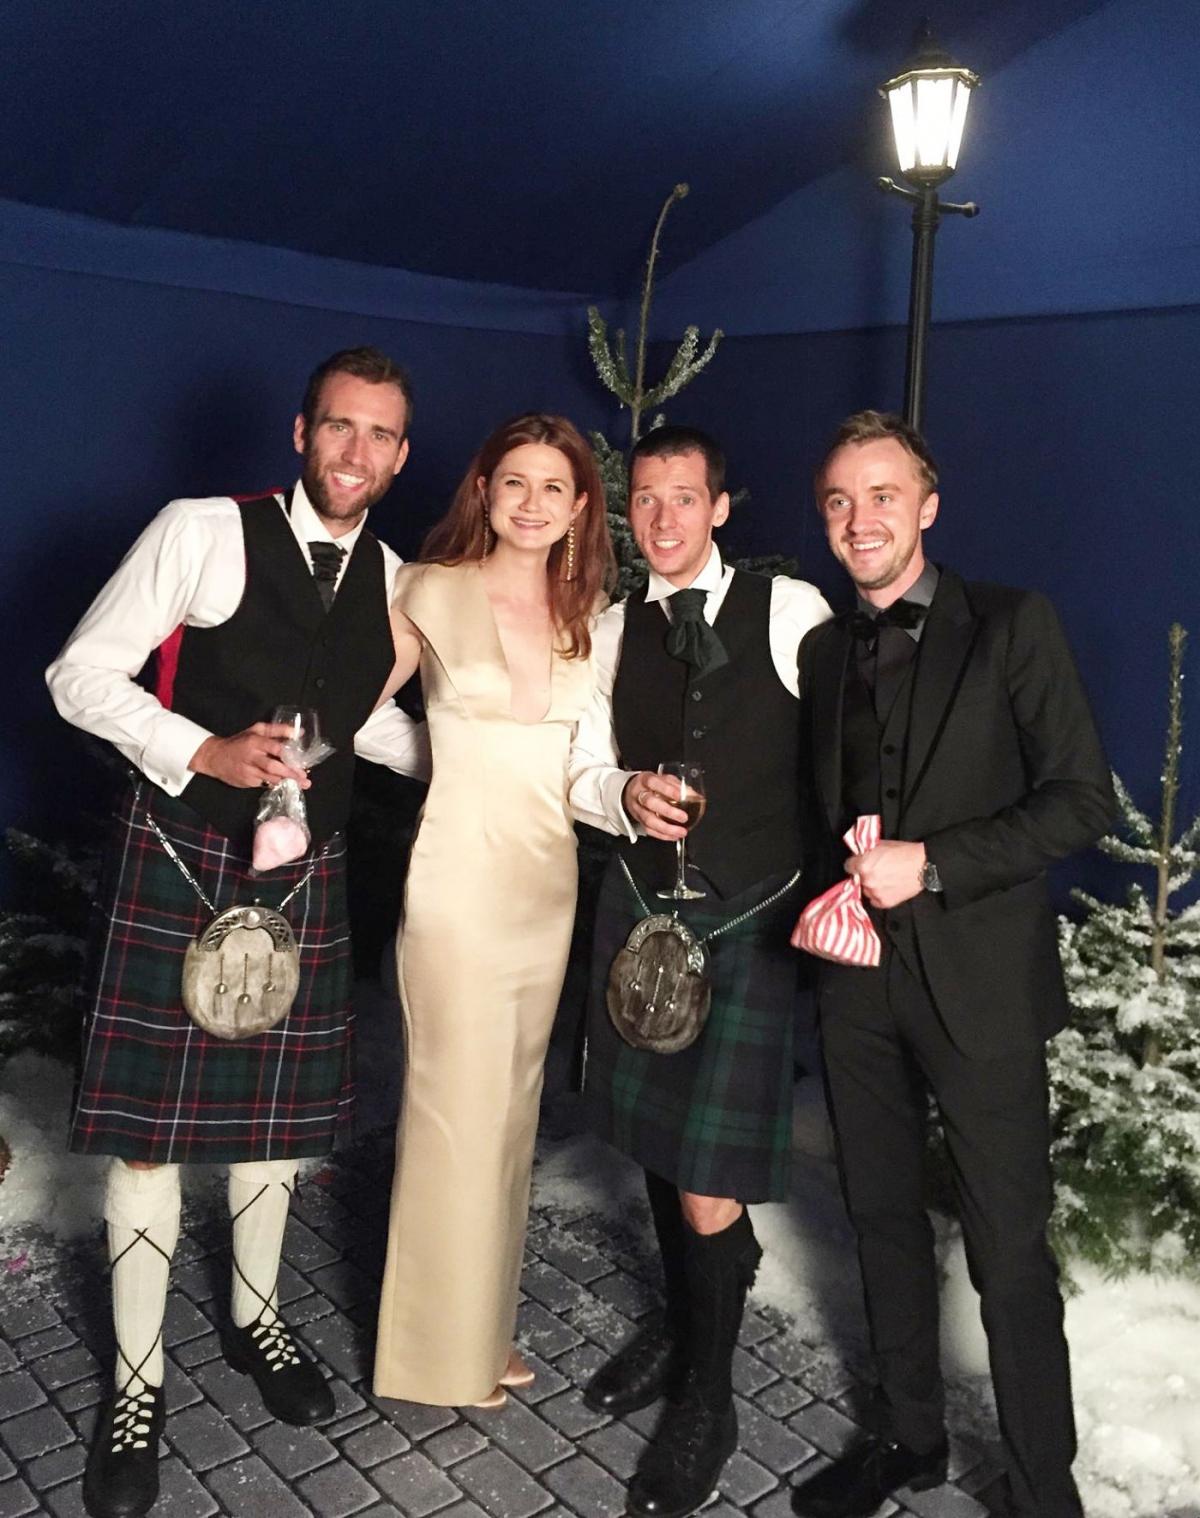 """Mùa đông năm 2014, 3 năm sau khi bộ phim kết thúc. Matthew Lewis (vai Neville Longbottom), Tom Felton (vai Draco Malfoy) và Bonnie Wright (vai Ginny Weasley) gặp nhau trong một sự kiện. Đây là những người giữ liên lạc thường xuyên nhất trong dàn diễn viên """"Harry Potter"""" thuở nào."""